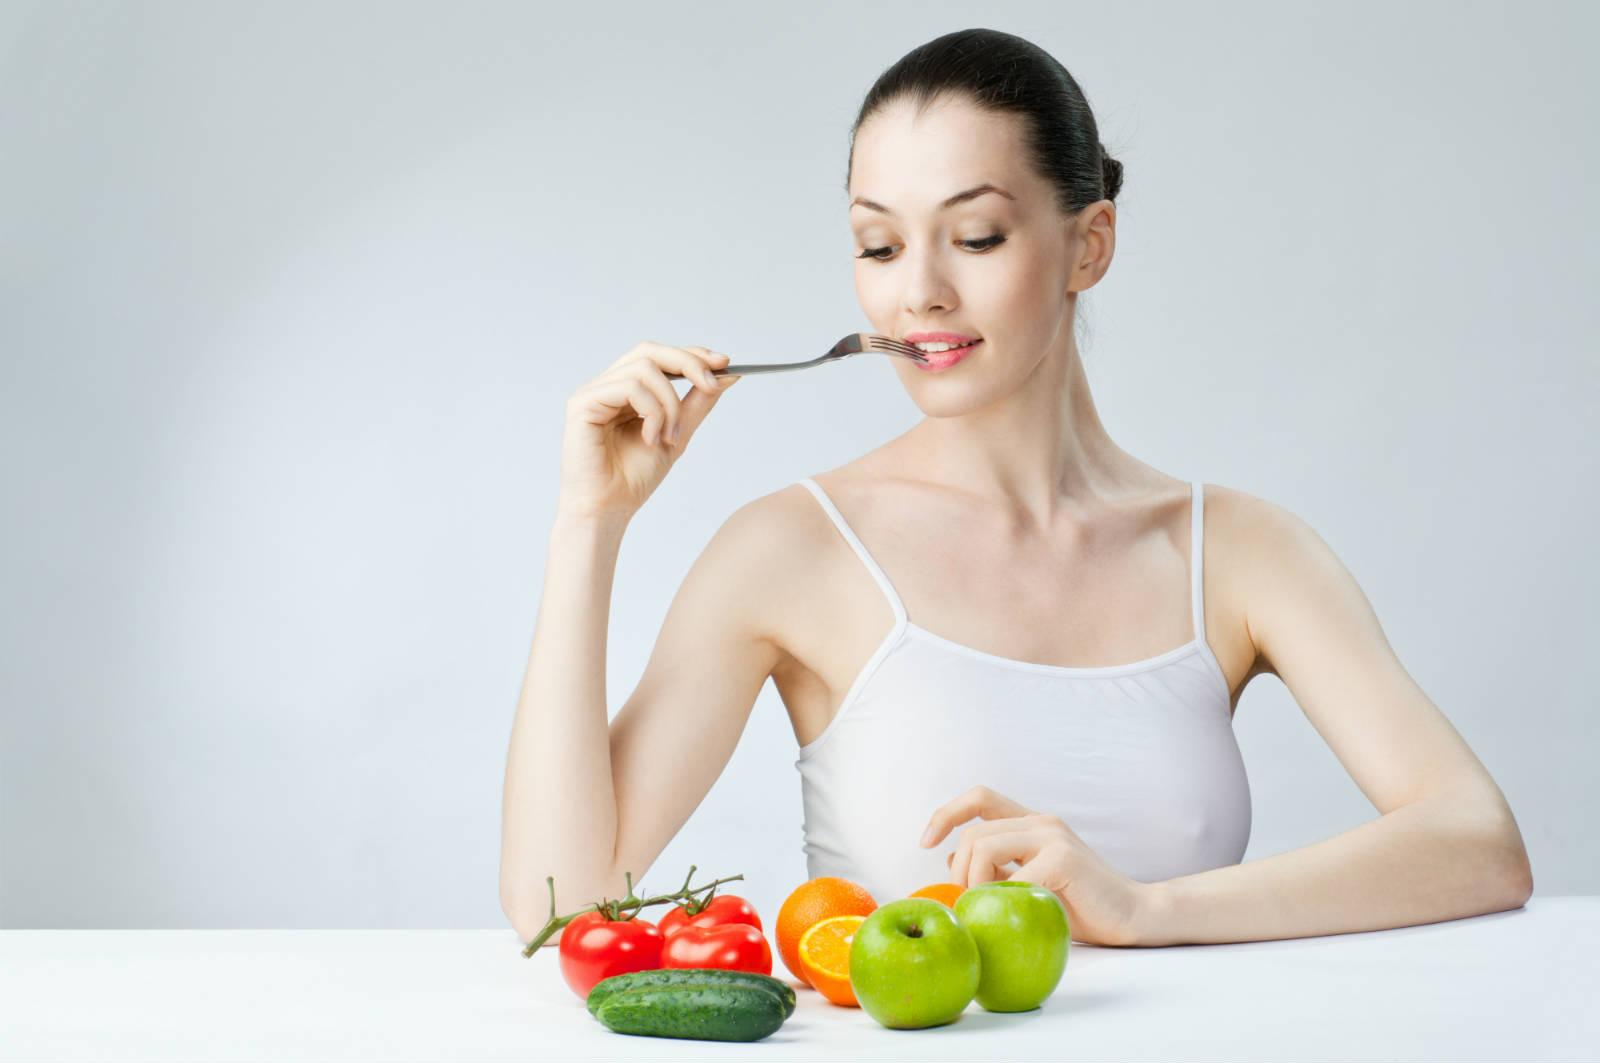 Dieta dal rientro dalle vacanze